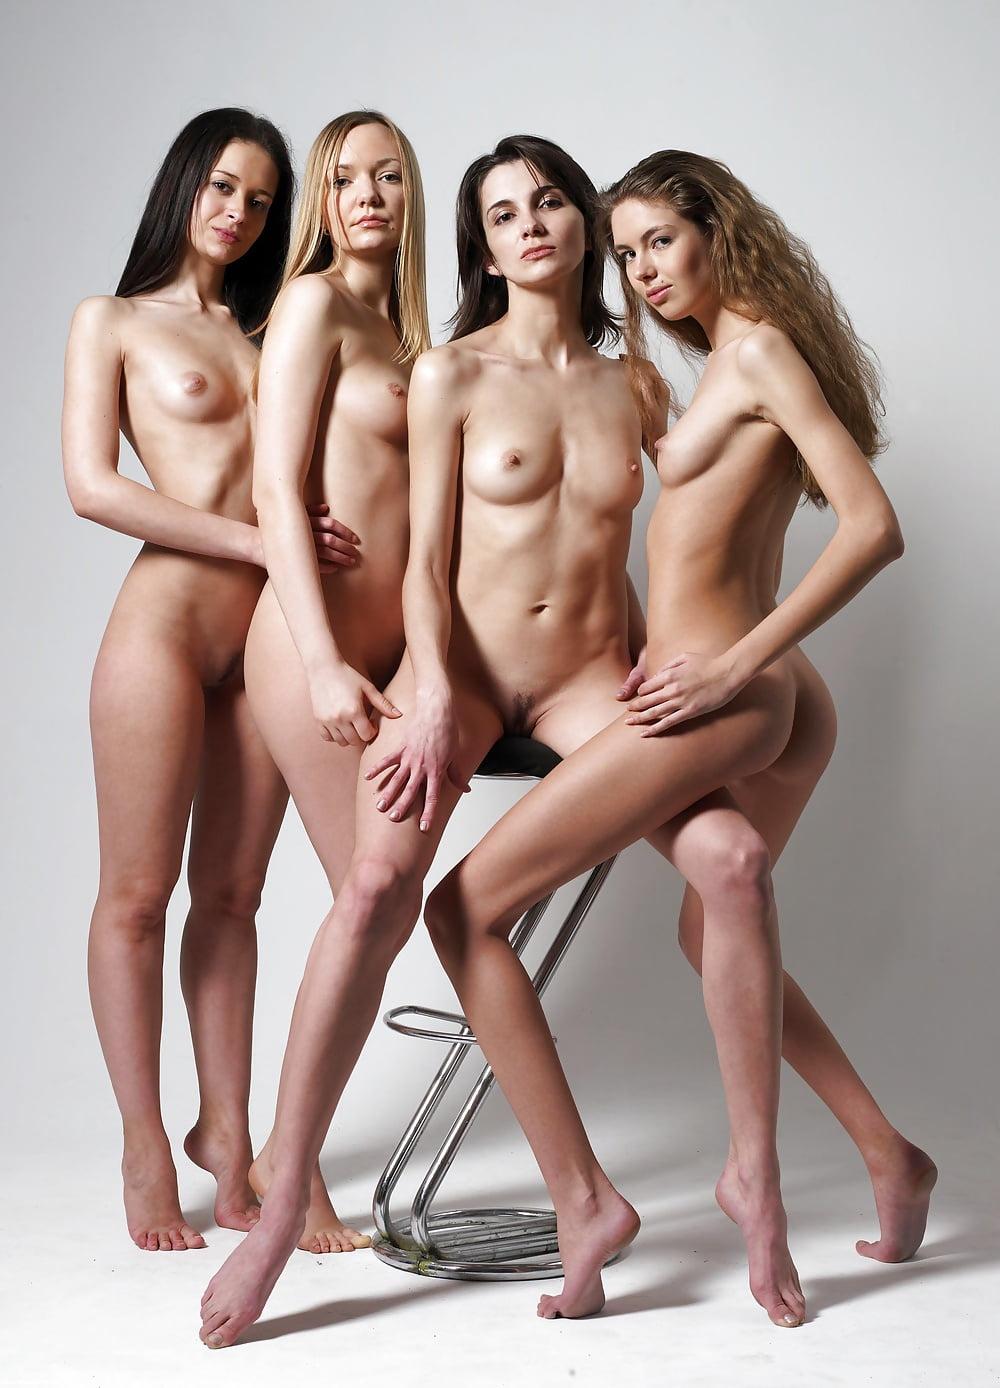 golie-devushki-top-model-po-russki-foto-porno-gruppovoe-porno-smotret